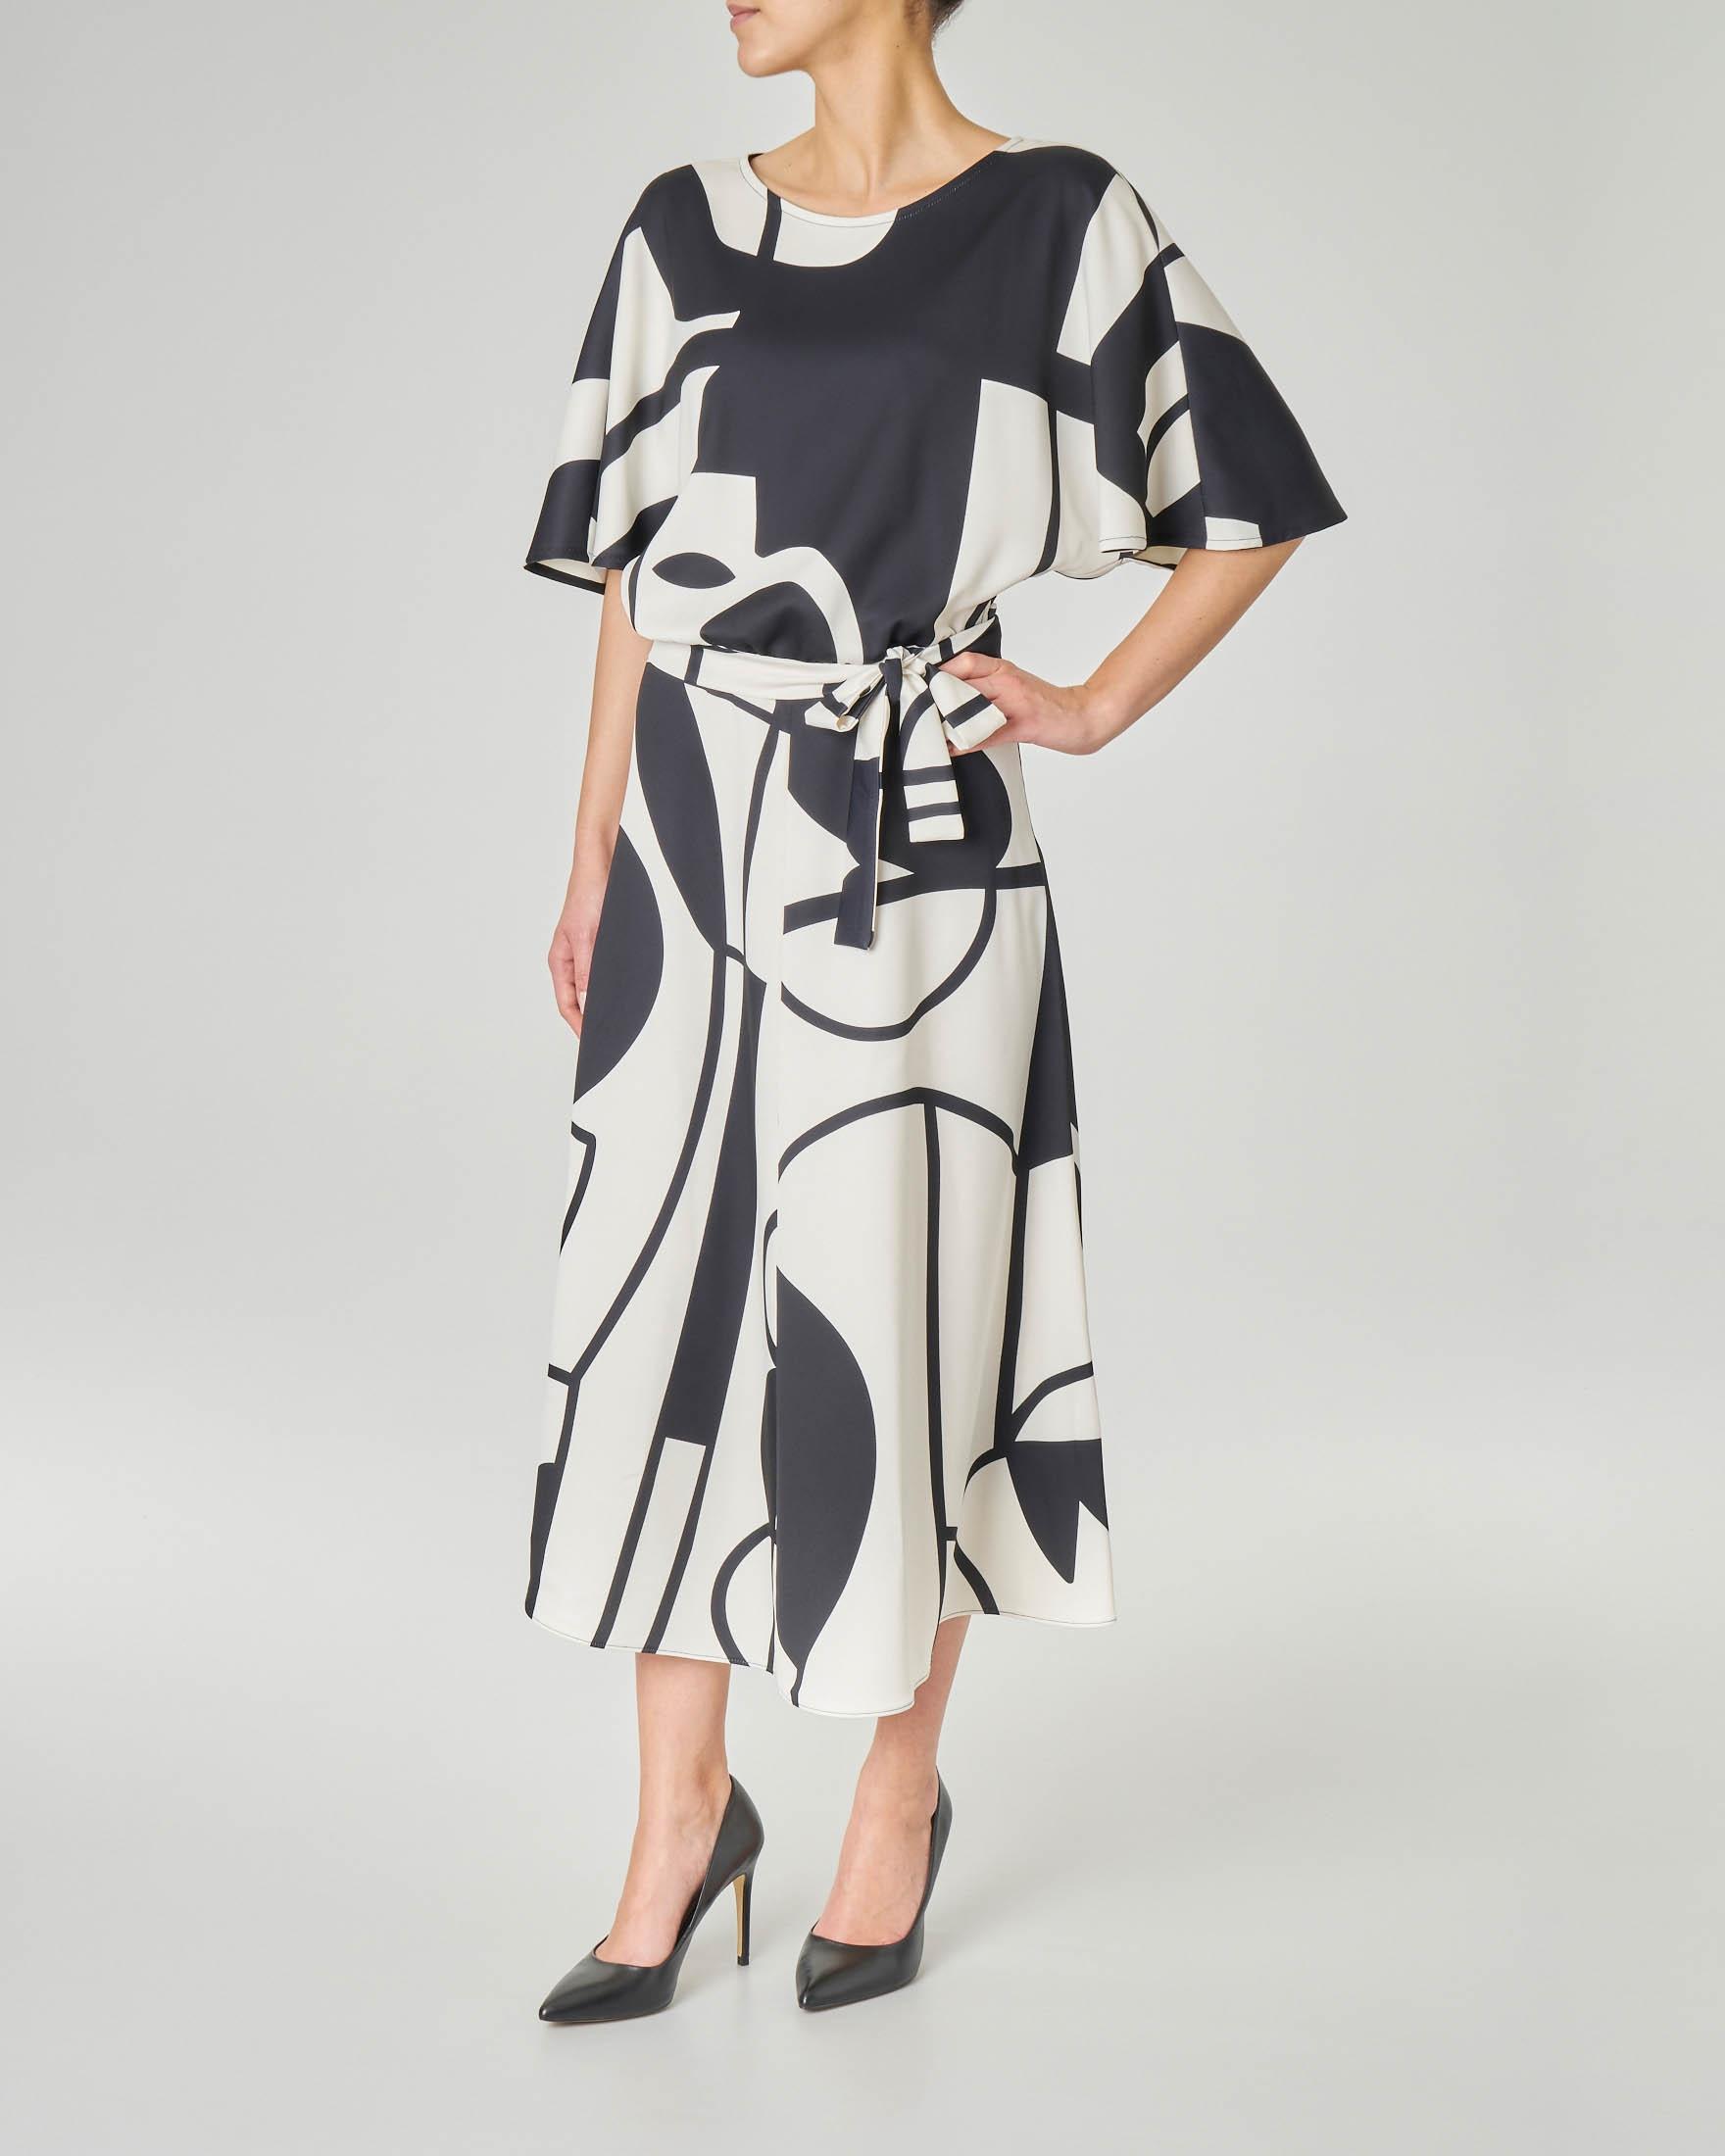 online store 5b949 11b59 Abito midi LW x ART. 365 in crêpe a fantasia geometrica in bianco e nero  con maniche a kimono